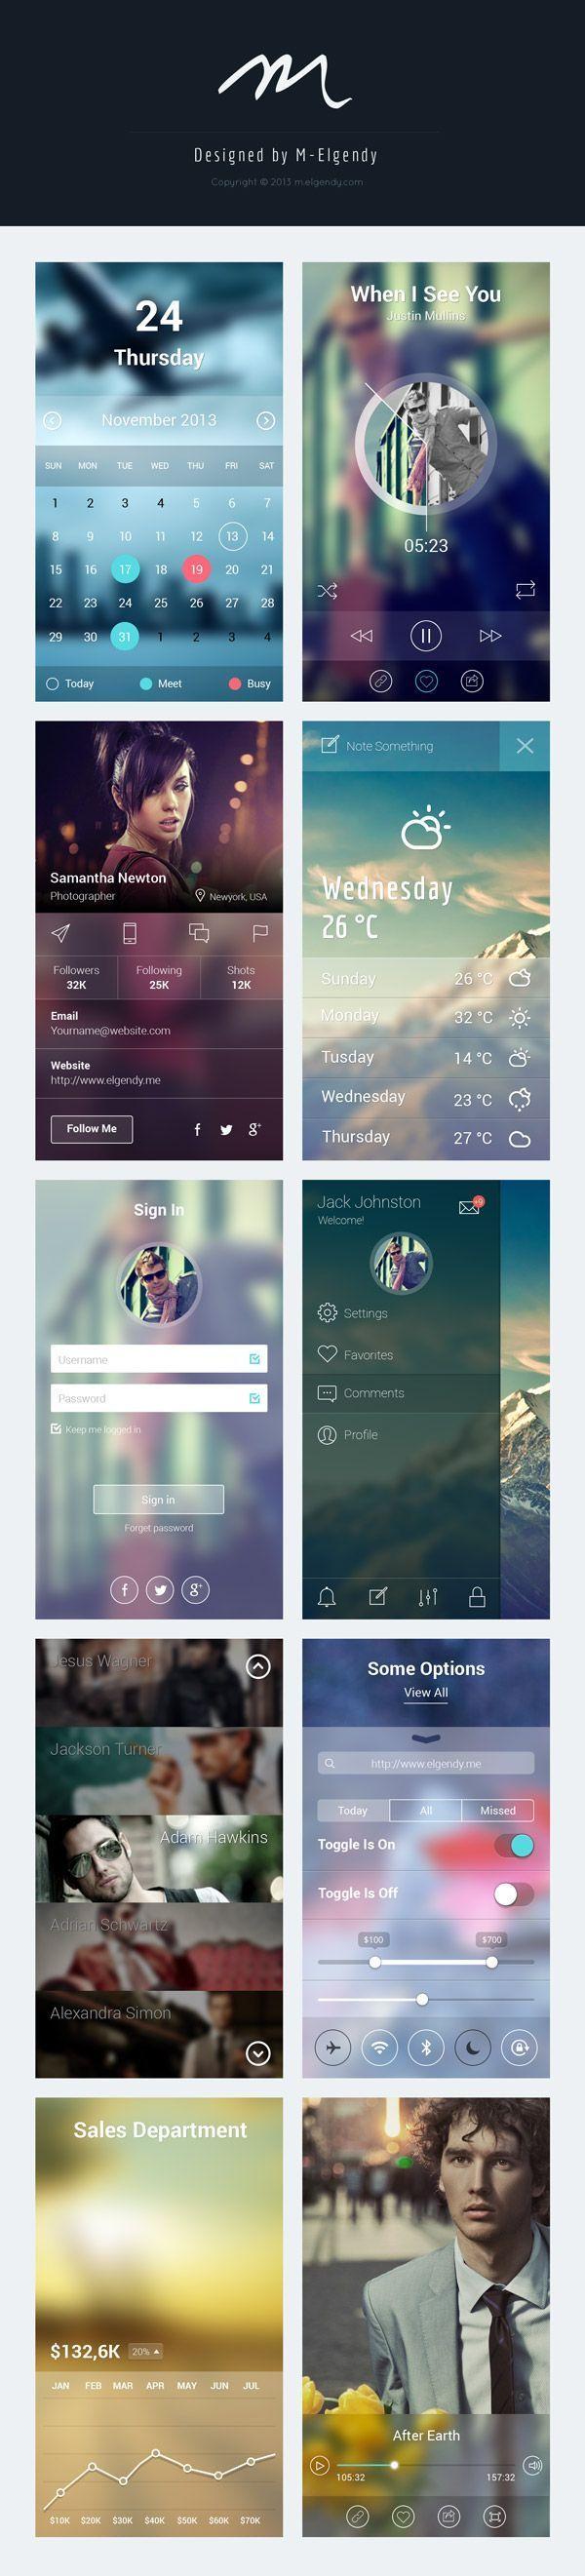 Pour notre 6ème numéro des inspirations mobiles, pas de thème spécifique pour cette semaine, mais un petit medley d'interfaces, de design et d'icons autour de projets de qualité que nous avons sélectionn&e